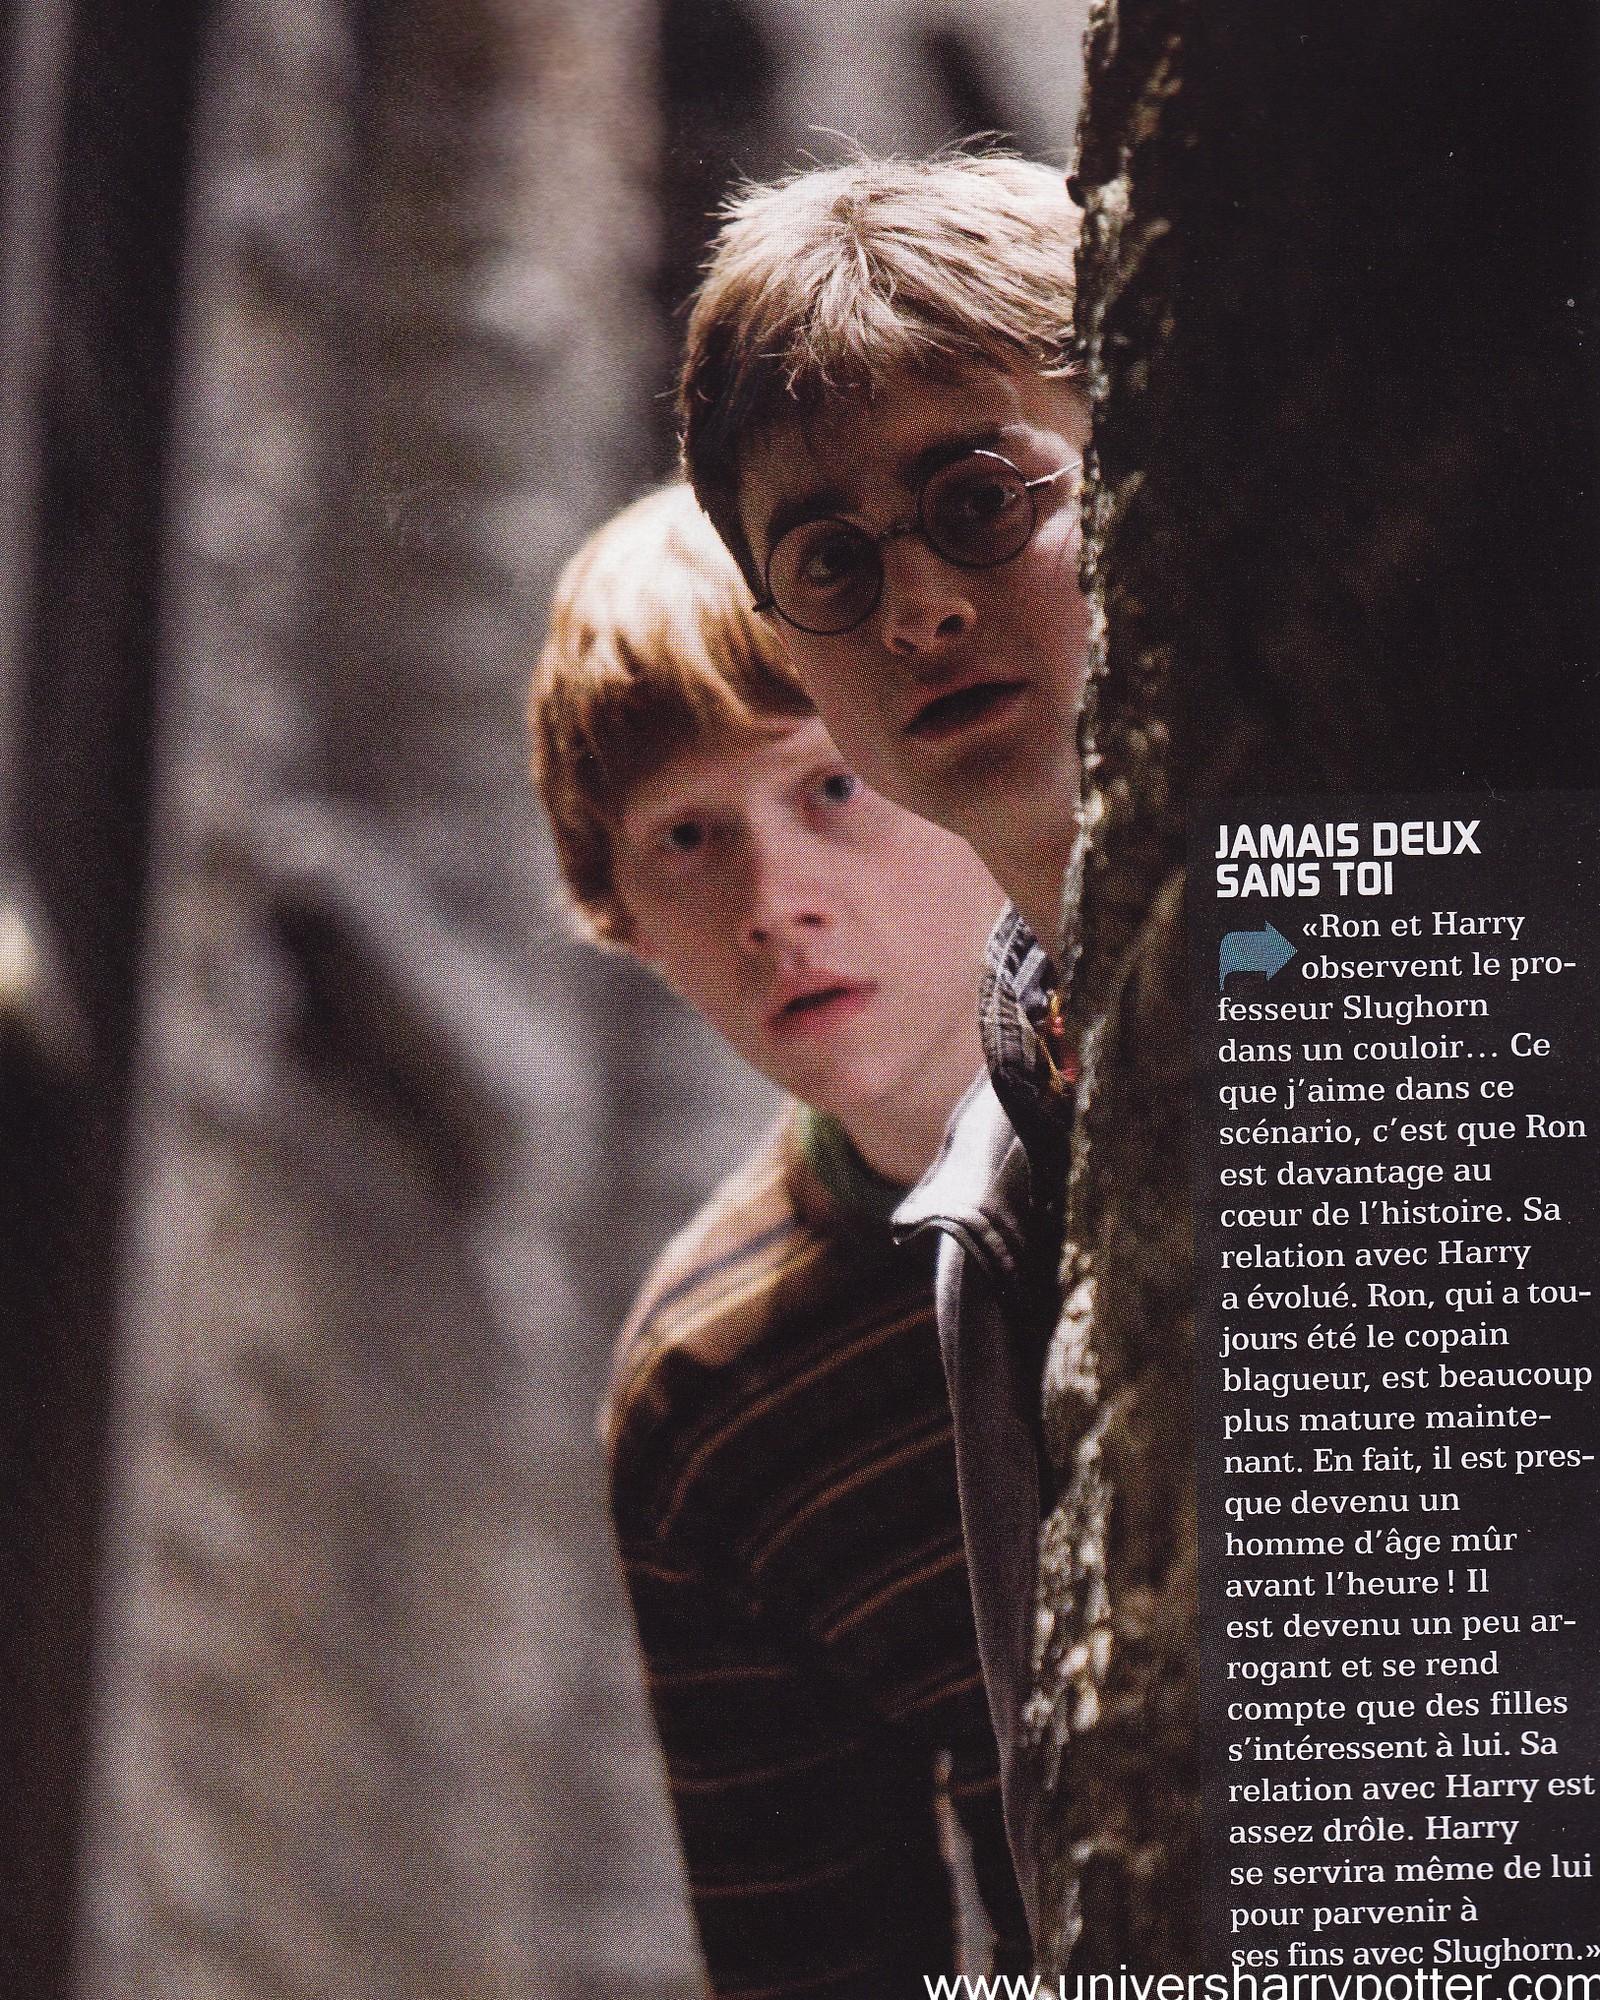 Harry-Ron